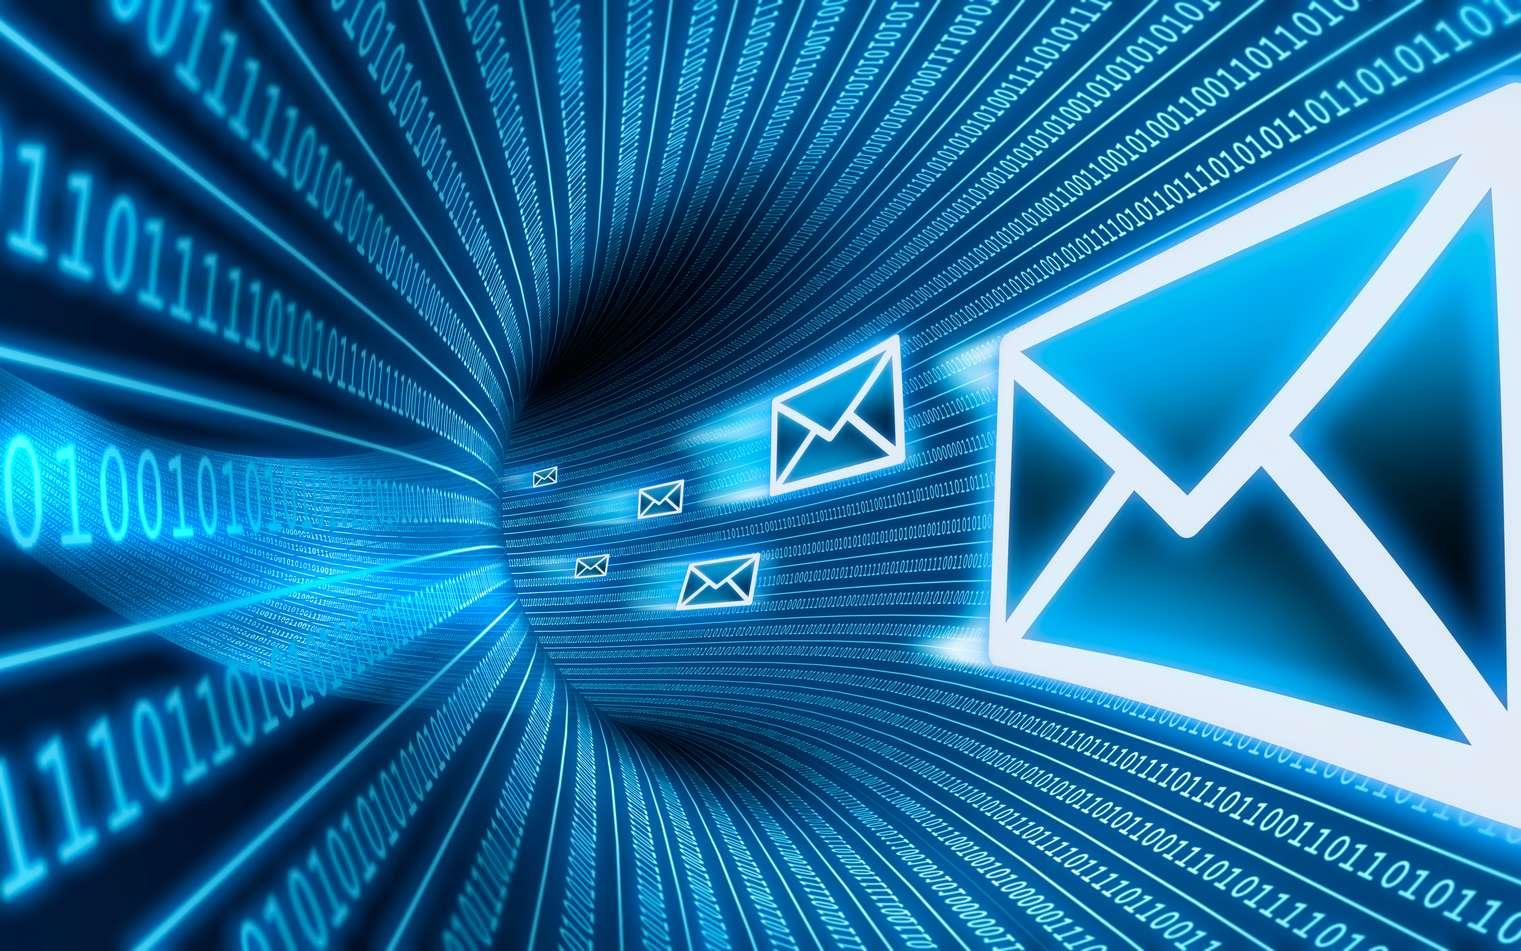 Un VPN est un réseau privé virtuel pour l'échange sécurisé et anonyme de données. © psdesign1, Fotolia